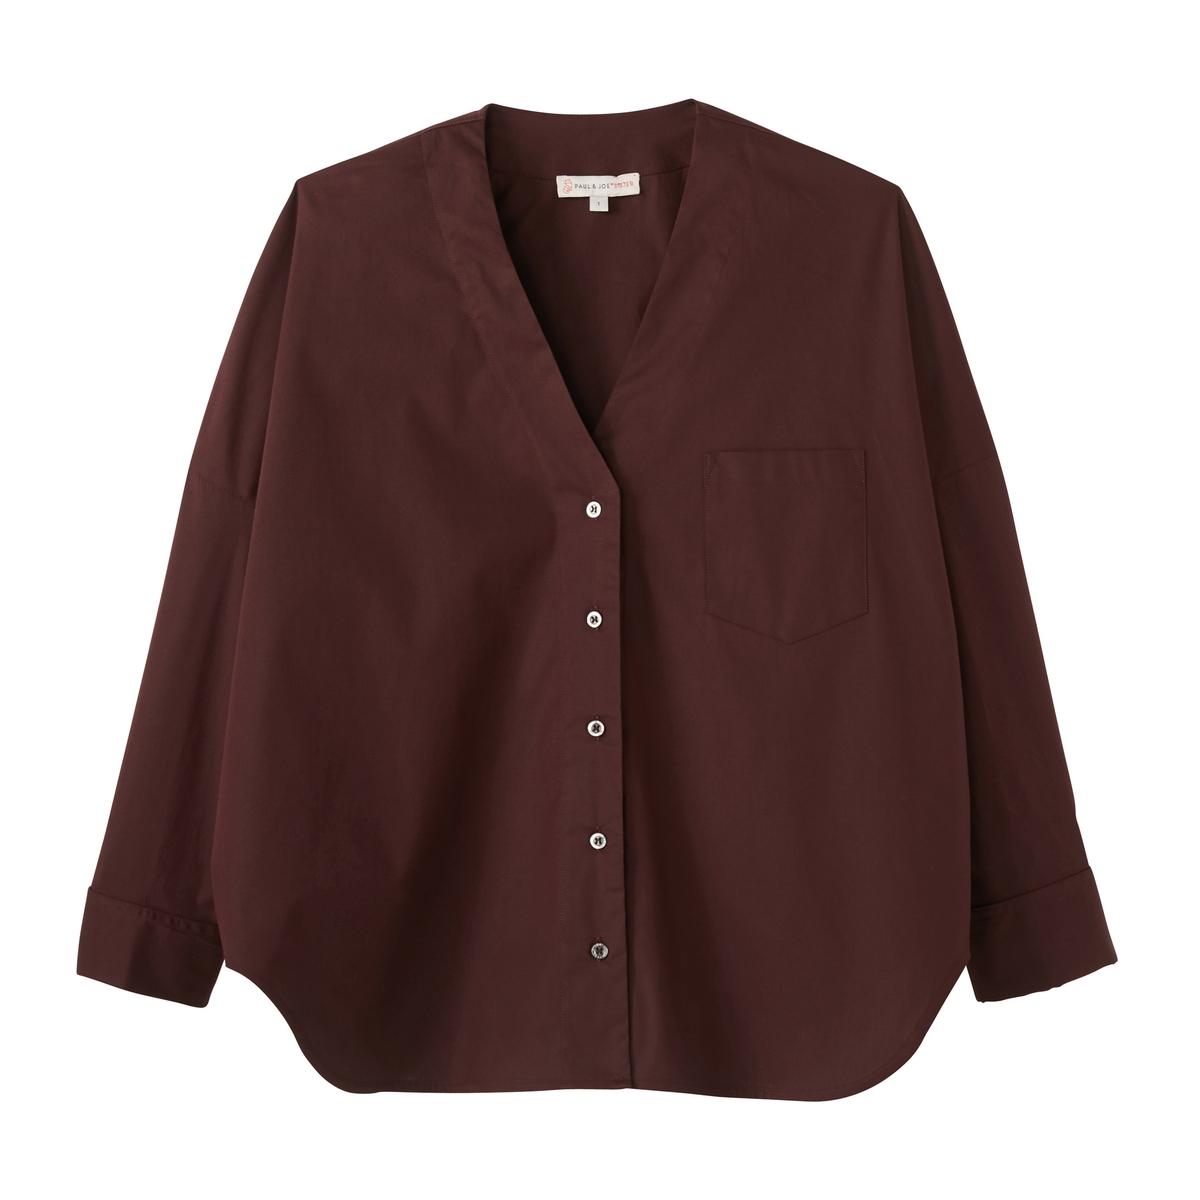 Рубашка свободная KATEРубашка PAUL AND JOE SISTER - модель KATE прямого покроя, V-образный вырез, из хлопкового поплина.Описание •  Длинные рукава  •  Прямой покрой  •   V-образный вырезСостав и уход •  97% хлопка, 3% эластана •  Следуйте рекомендациям по уходу, указанным на этикетке изделия   •  Карман на груди •  Низ закругленный, более длинный сзади •  Застежка на перламутровые пуговицы •  Рукава и манжеты мушкетерские.<br><br>Цвет: белый,бордовый